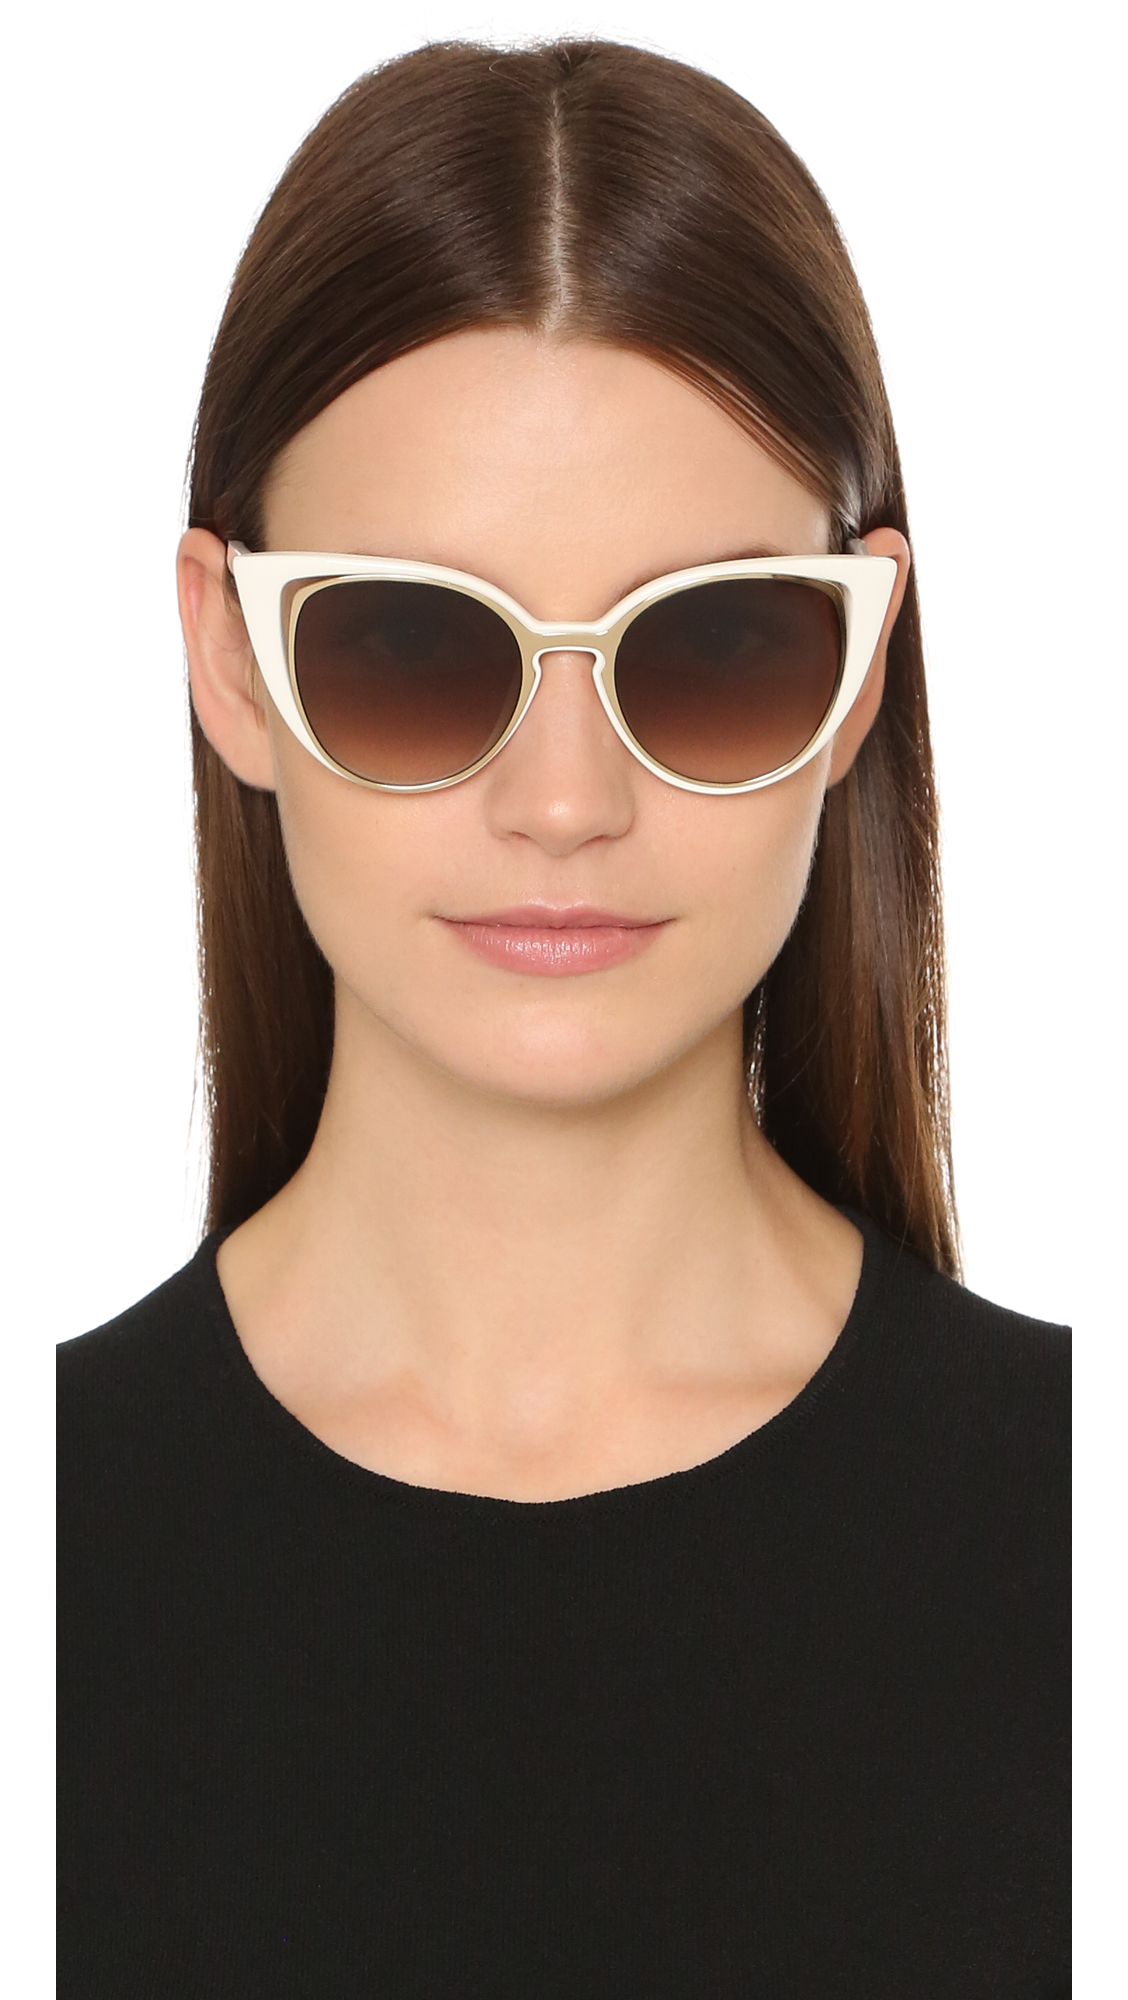 f5f88087c902 Fendi Cutout Cat Eye Sunglasses